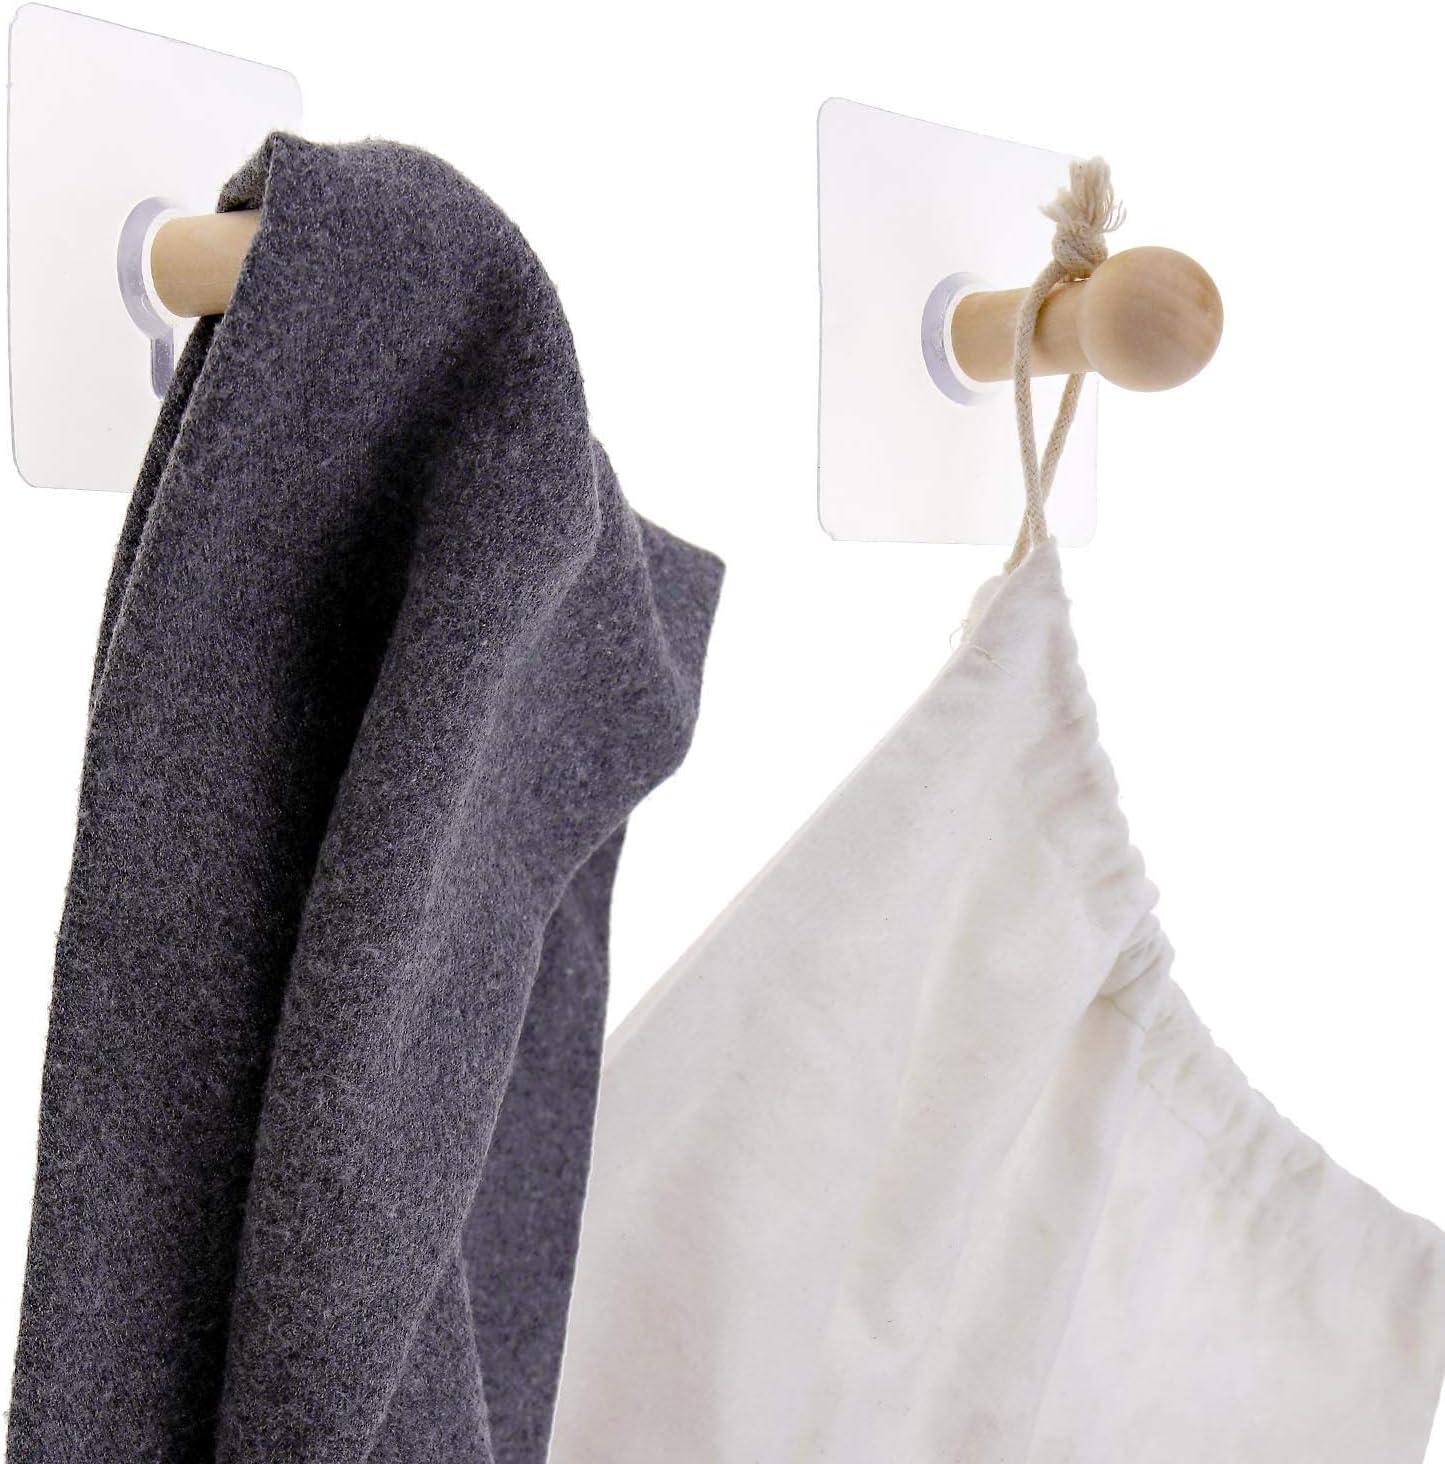 Cappotti Chiavi Cucina Bagno Porte Asciugamani Confezione da 10 Ganci Adesivi in Legno per Appendere Cappelli Armadio YINETTECH